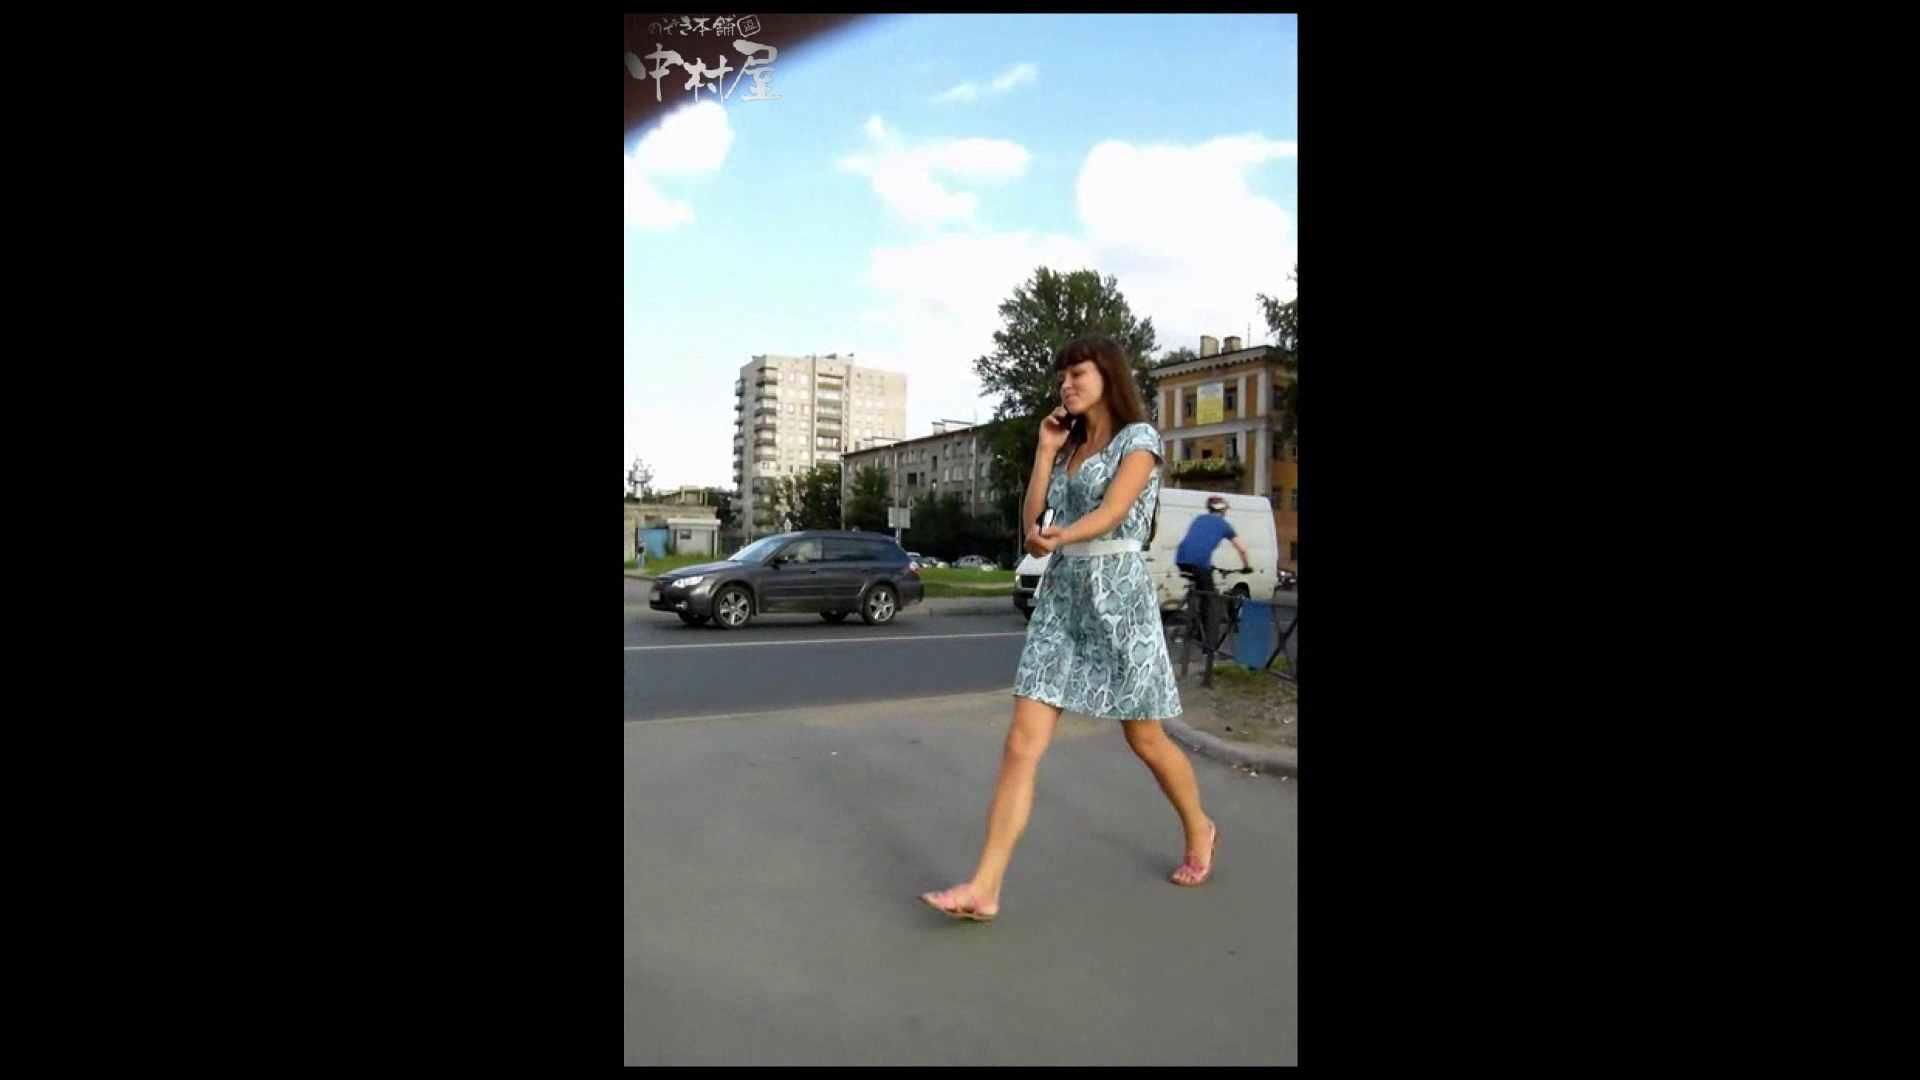 綺麗なモデルさんのスカート捲っちゃおう‼ vol29 OLのエロ生活 | モデルのエロ生活  83連発 31